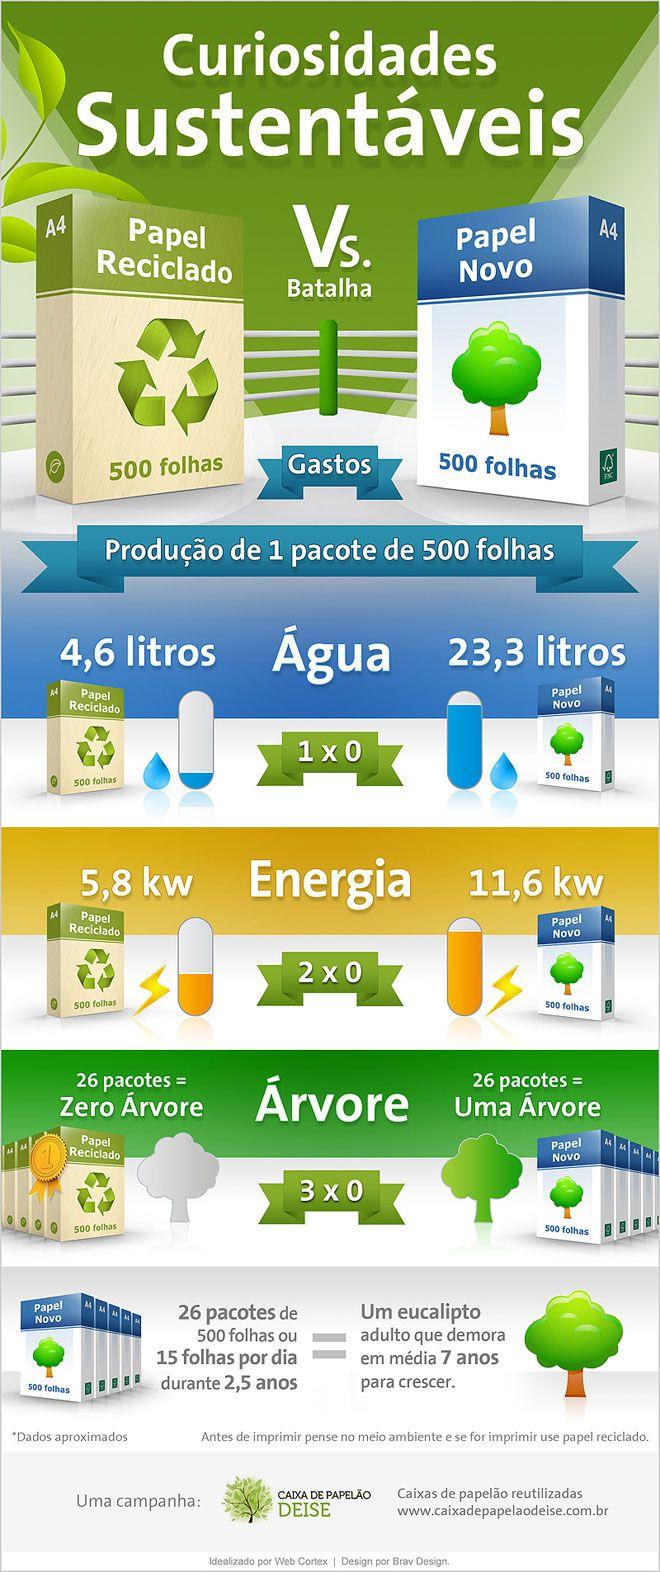 #vivapositivamente @Daiane Santana Infográfico: Papel Reciclado Vs. Papel Novo. http://vivoverde.com.br/infografico-papel-reciclado-vs-papel-novo/